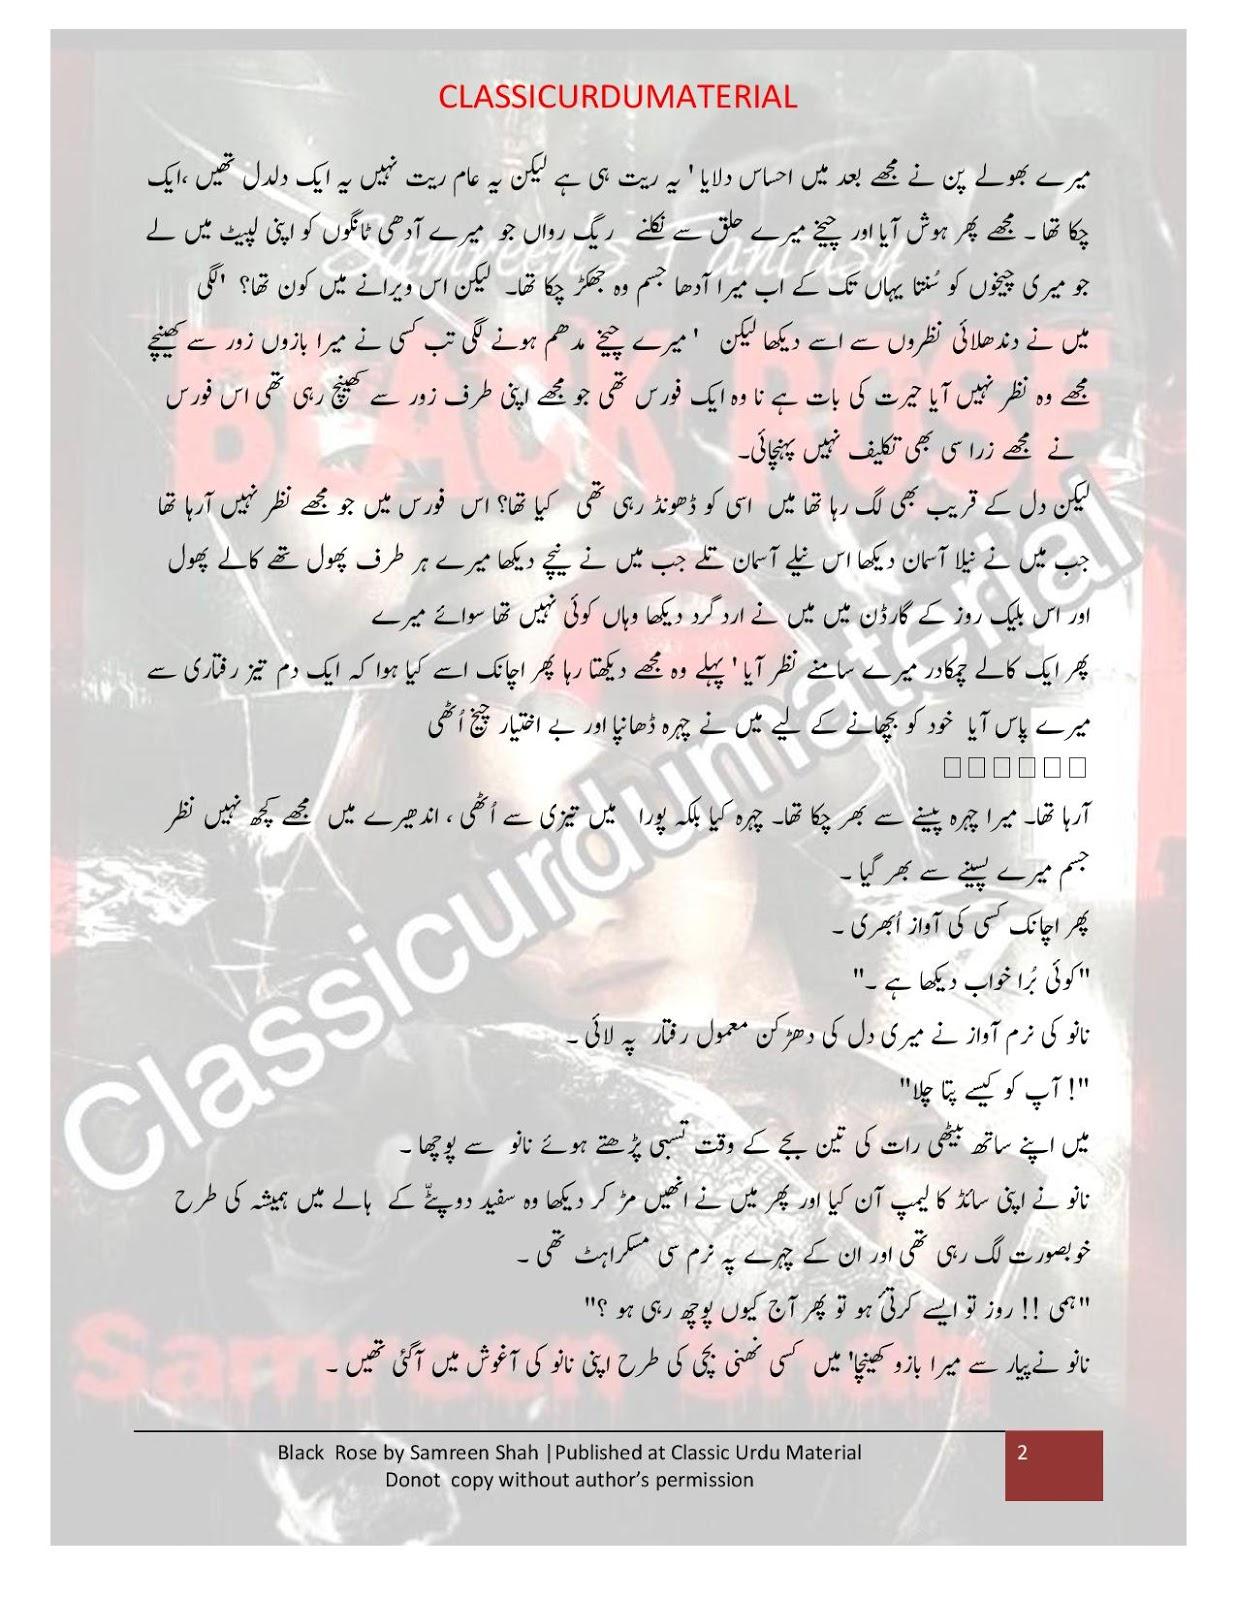 Black Rose By Samreen Shah Part 1 Complete Revenge Based